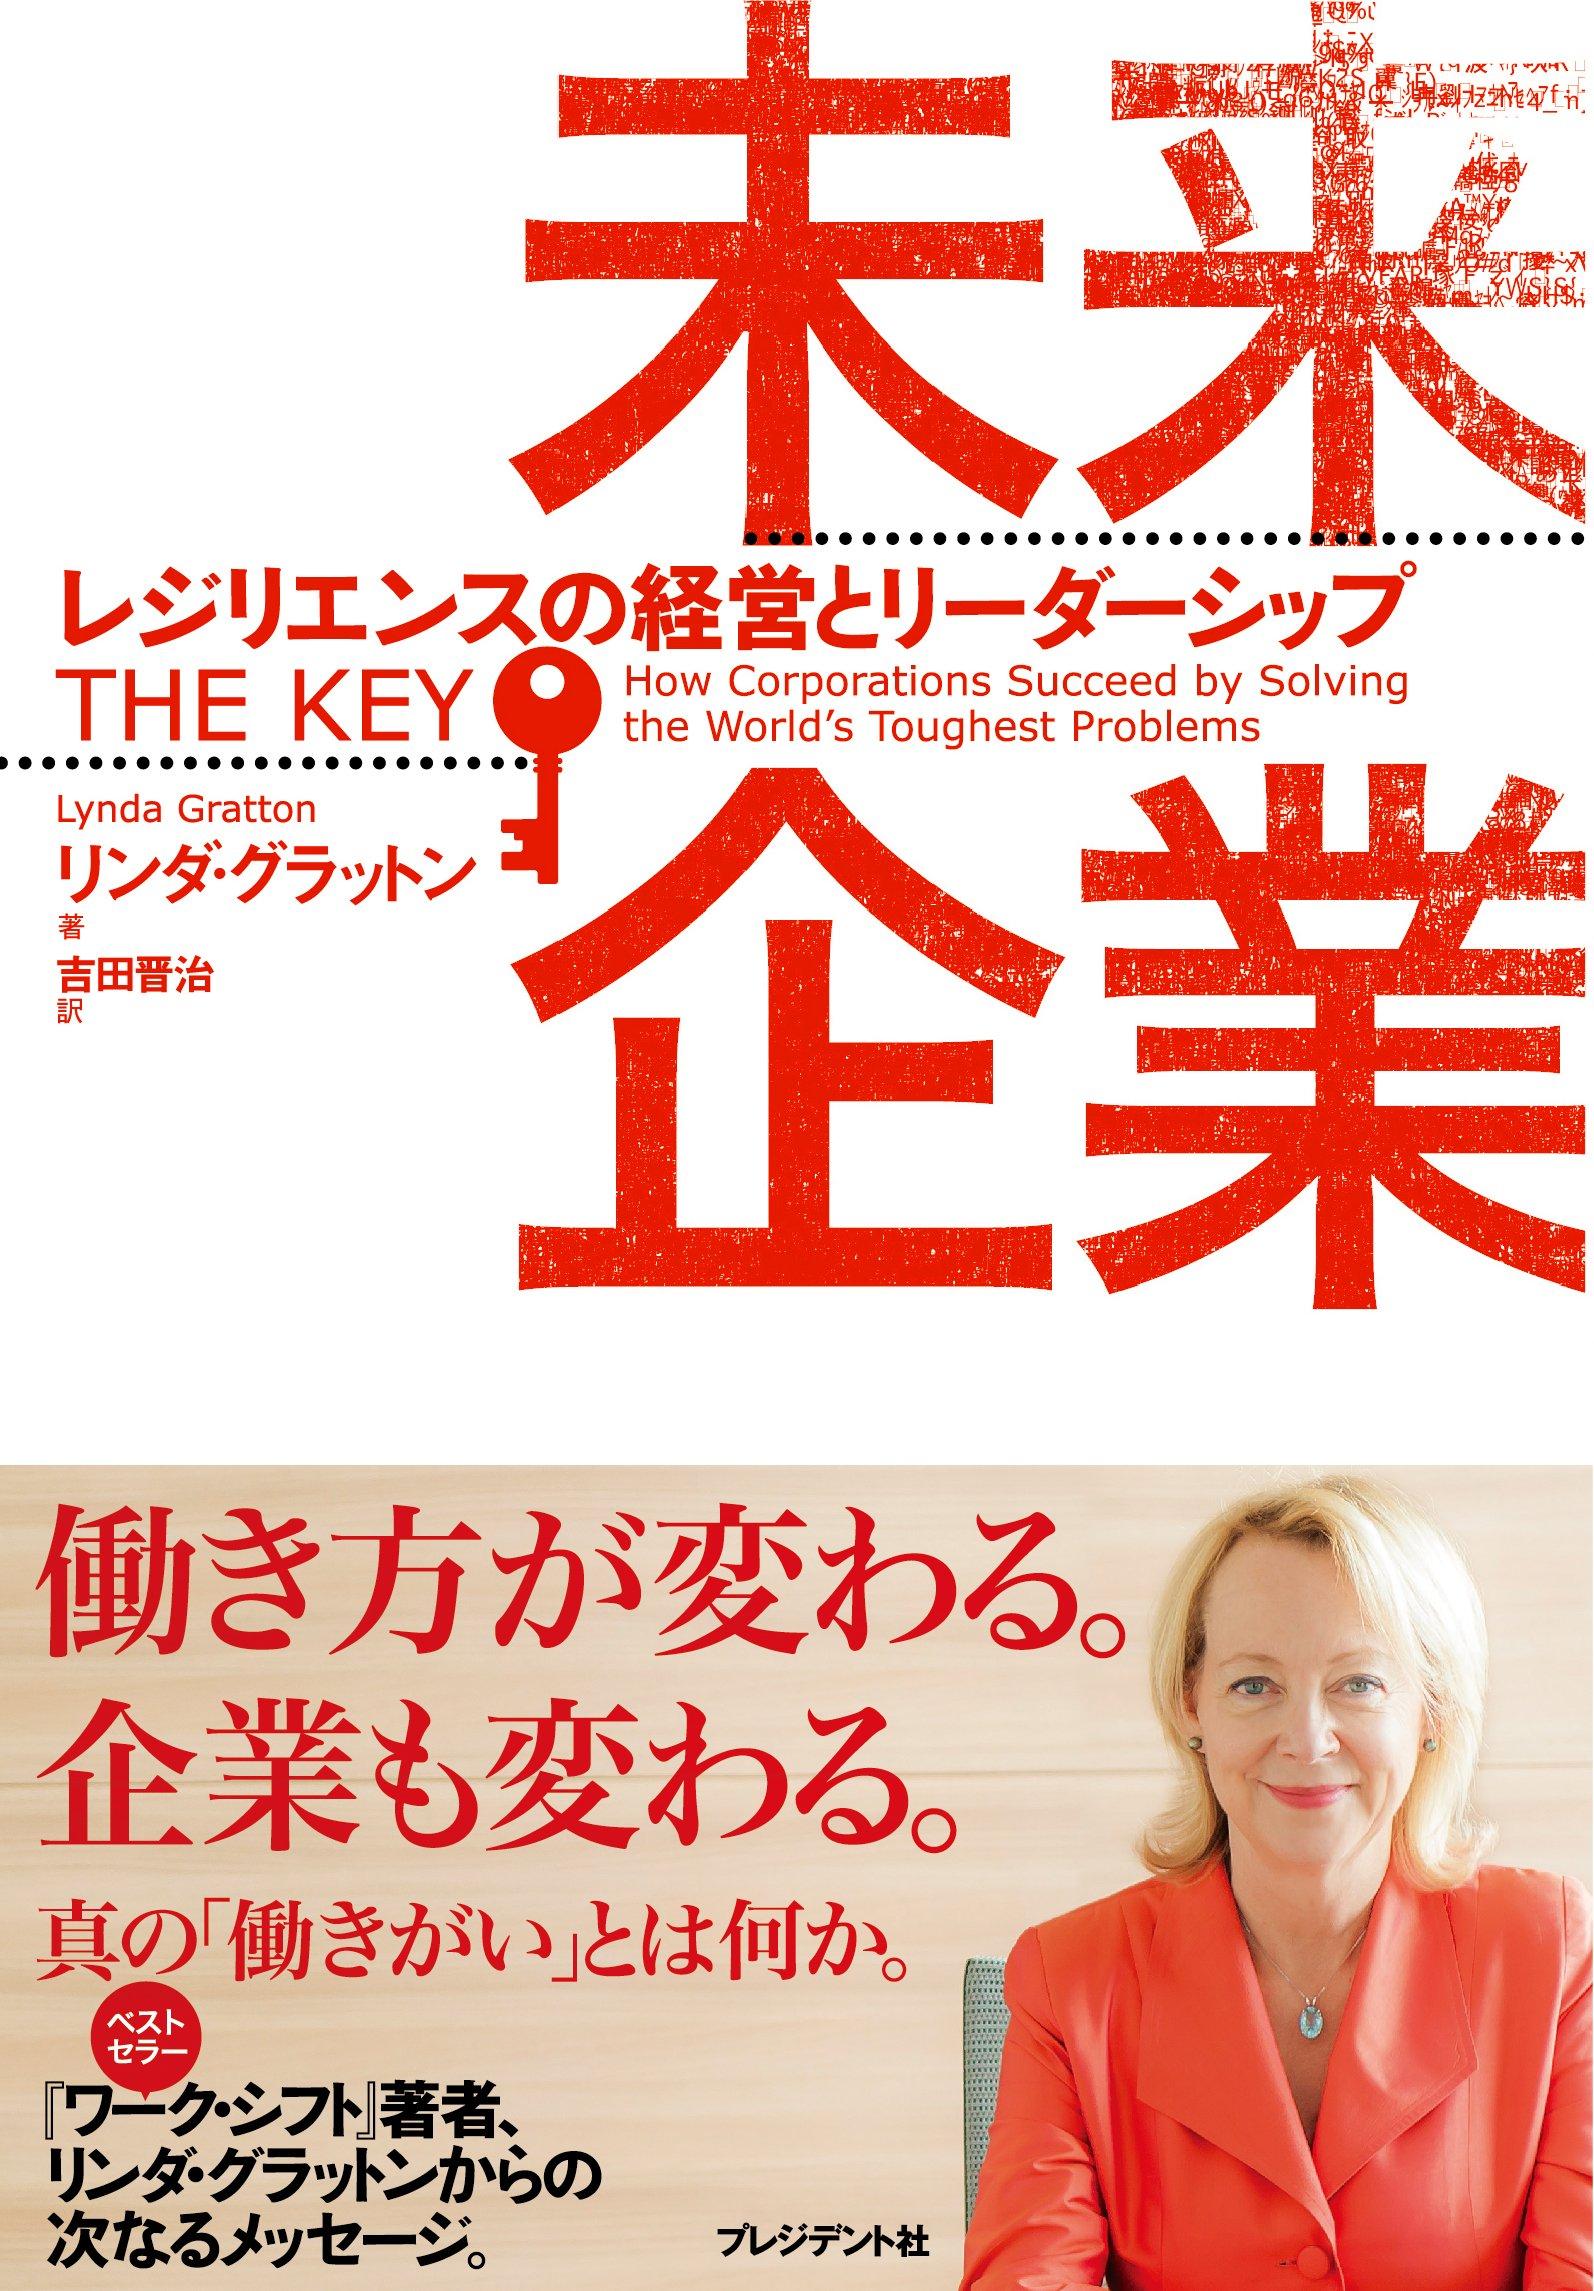 Read Online Mirai kigyo : Rejiriensu no keiei to ridashippu. PDF